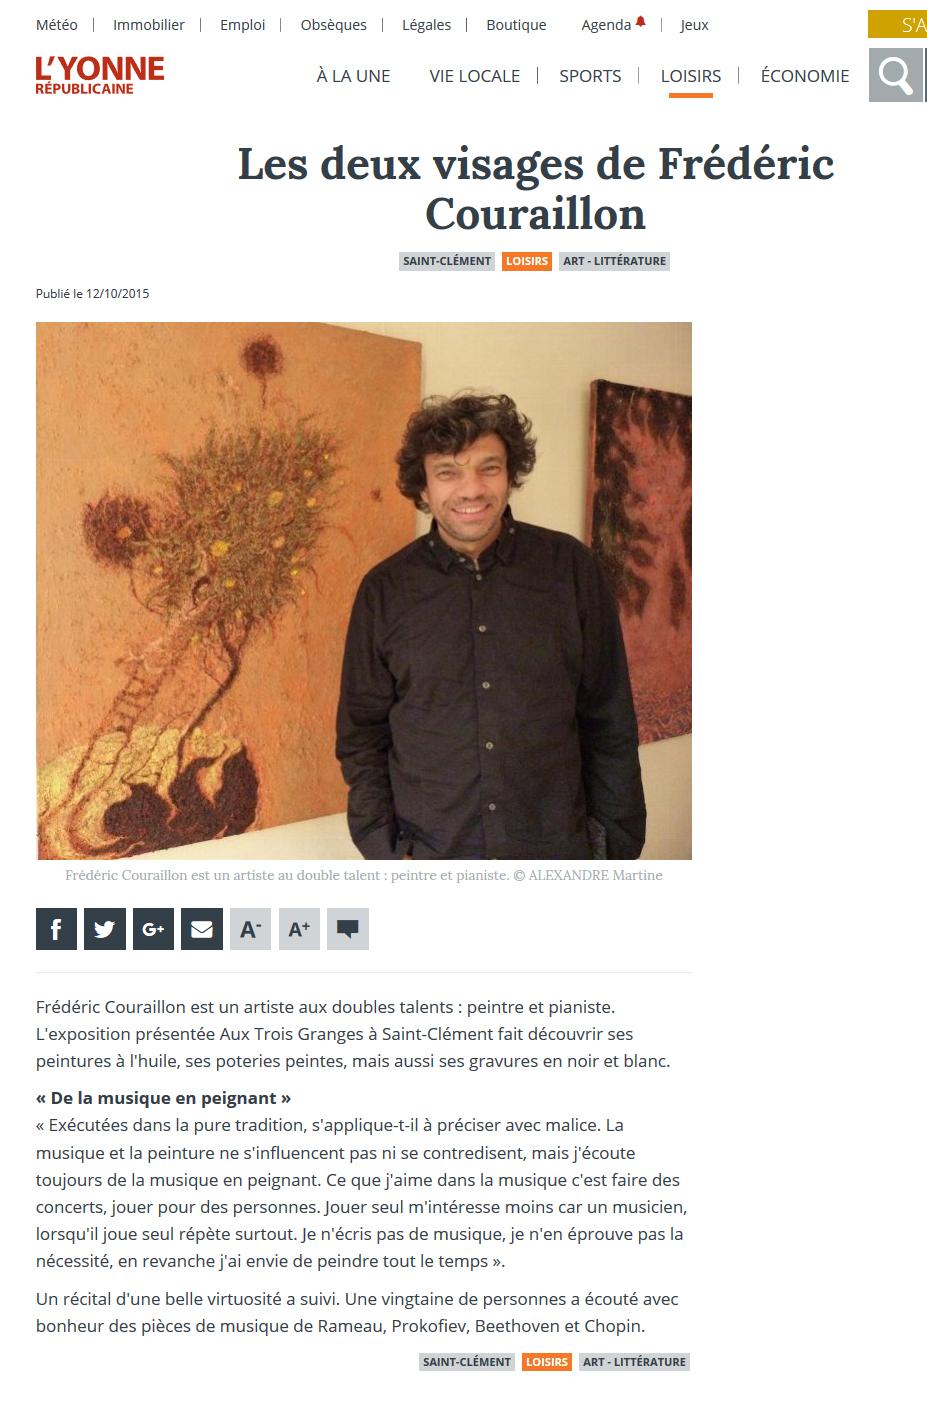 L'Yonne républicaine - 12 oct. 2015